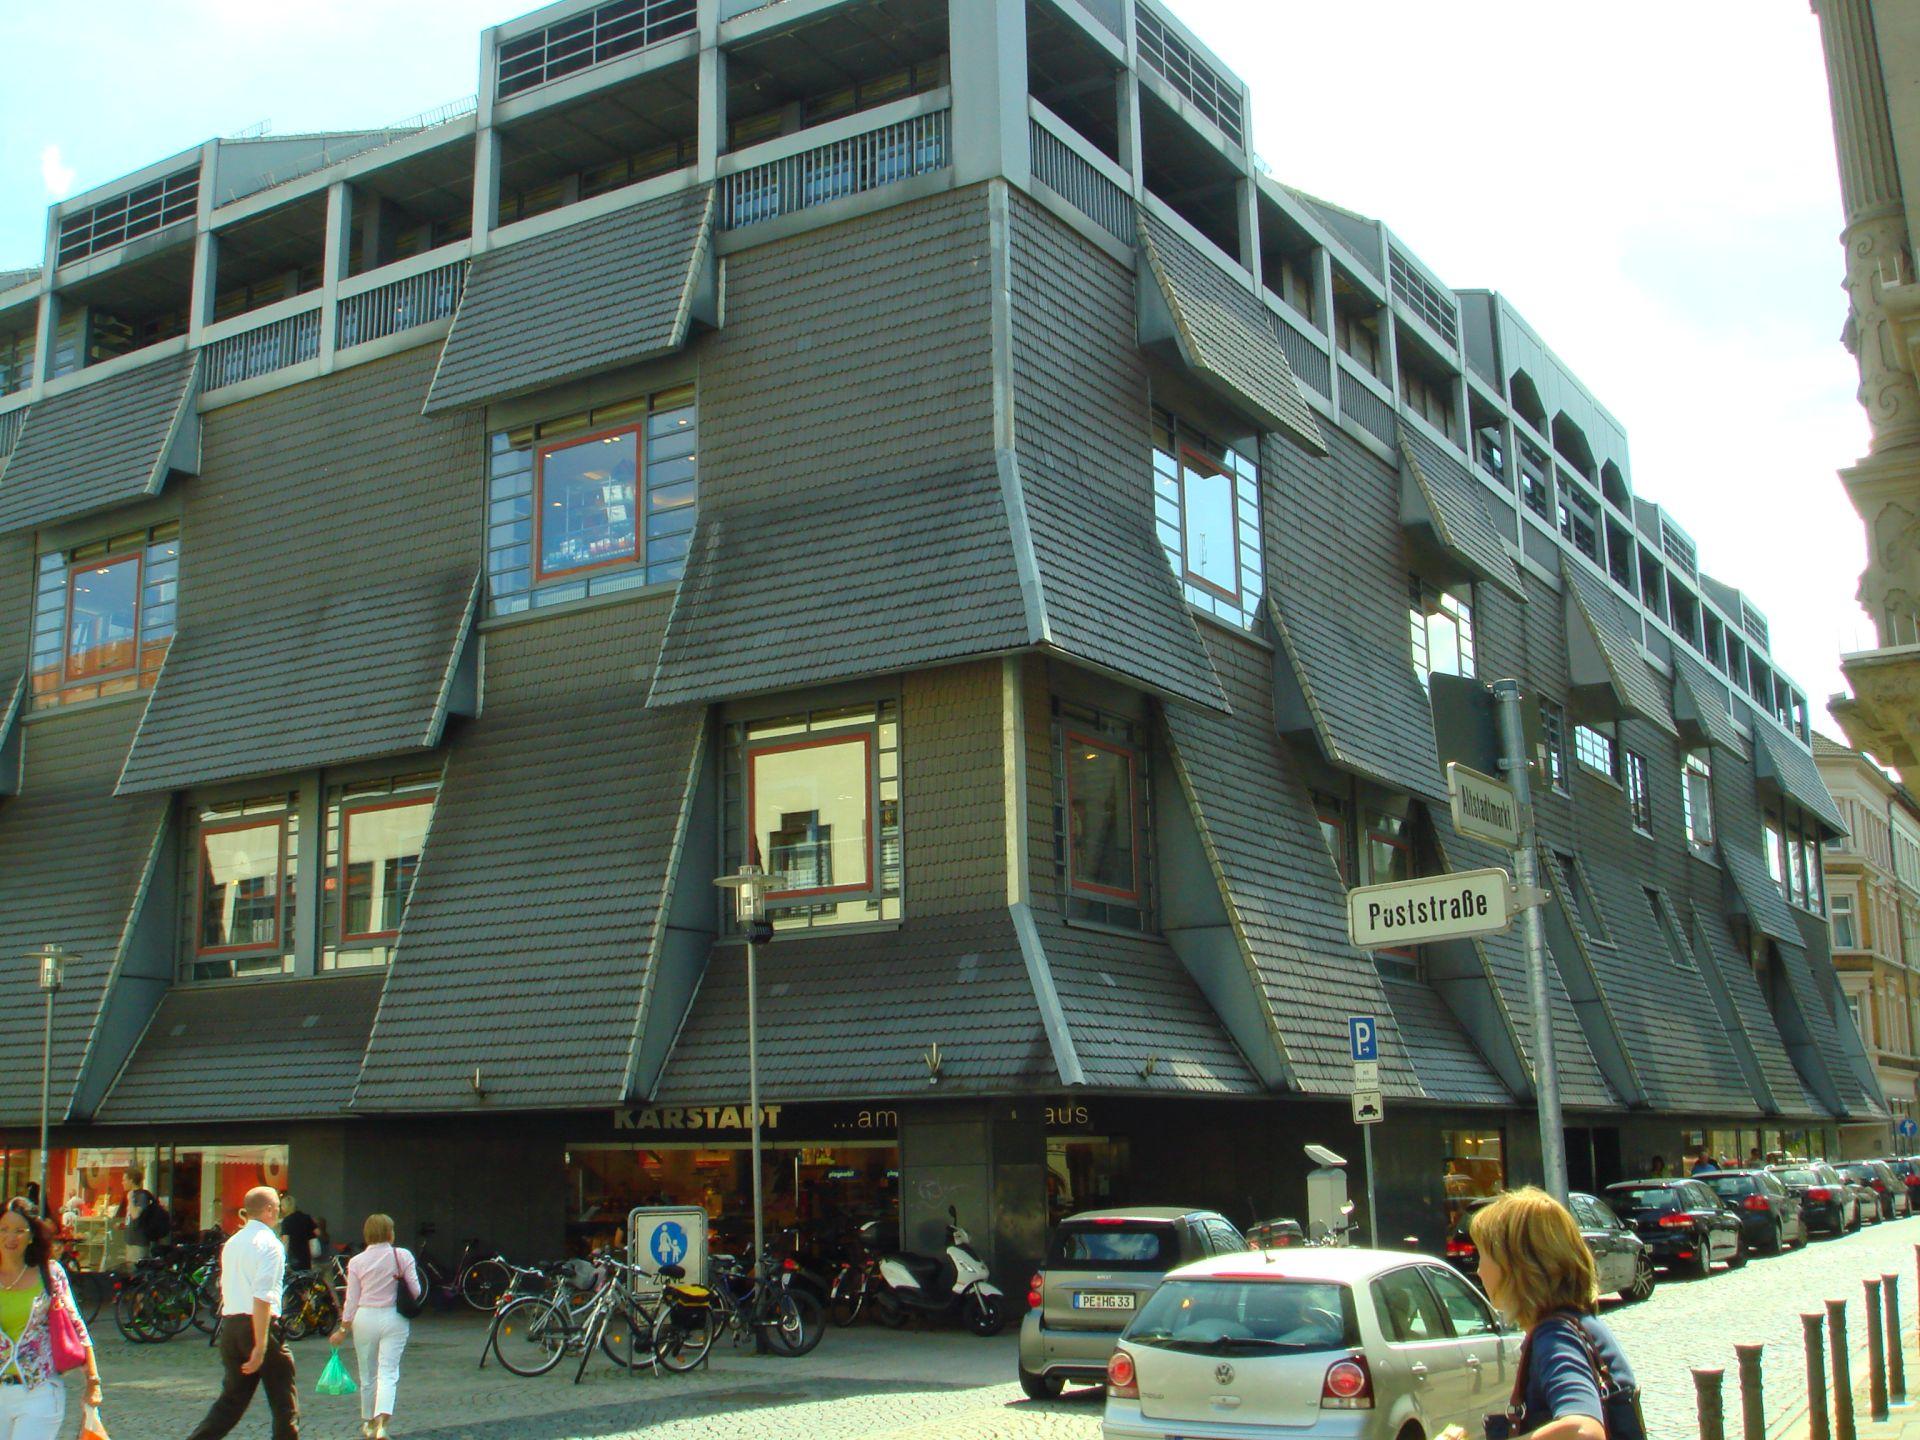 BRAUNSCHWEIG: Karstadt, gut behütet